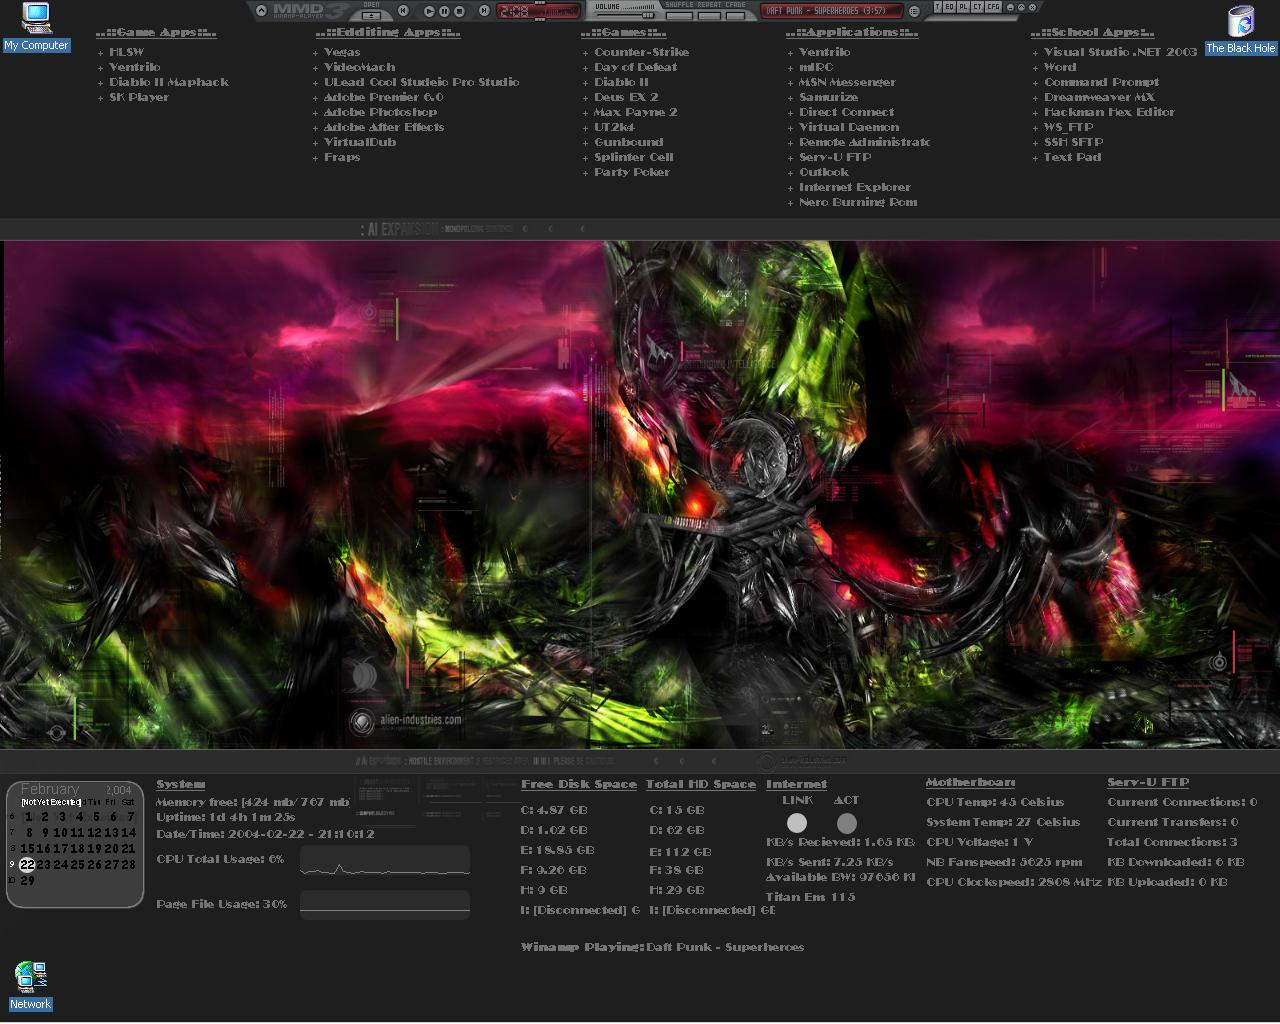 Title: ak's new desktop